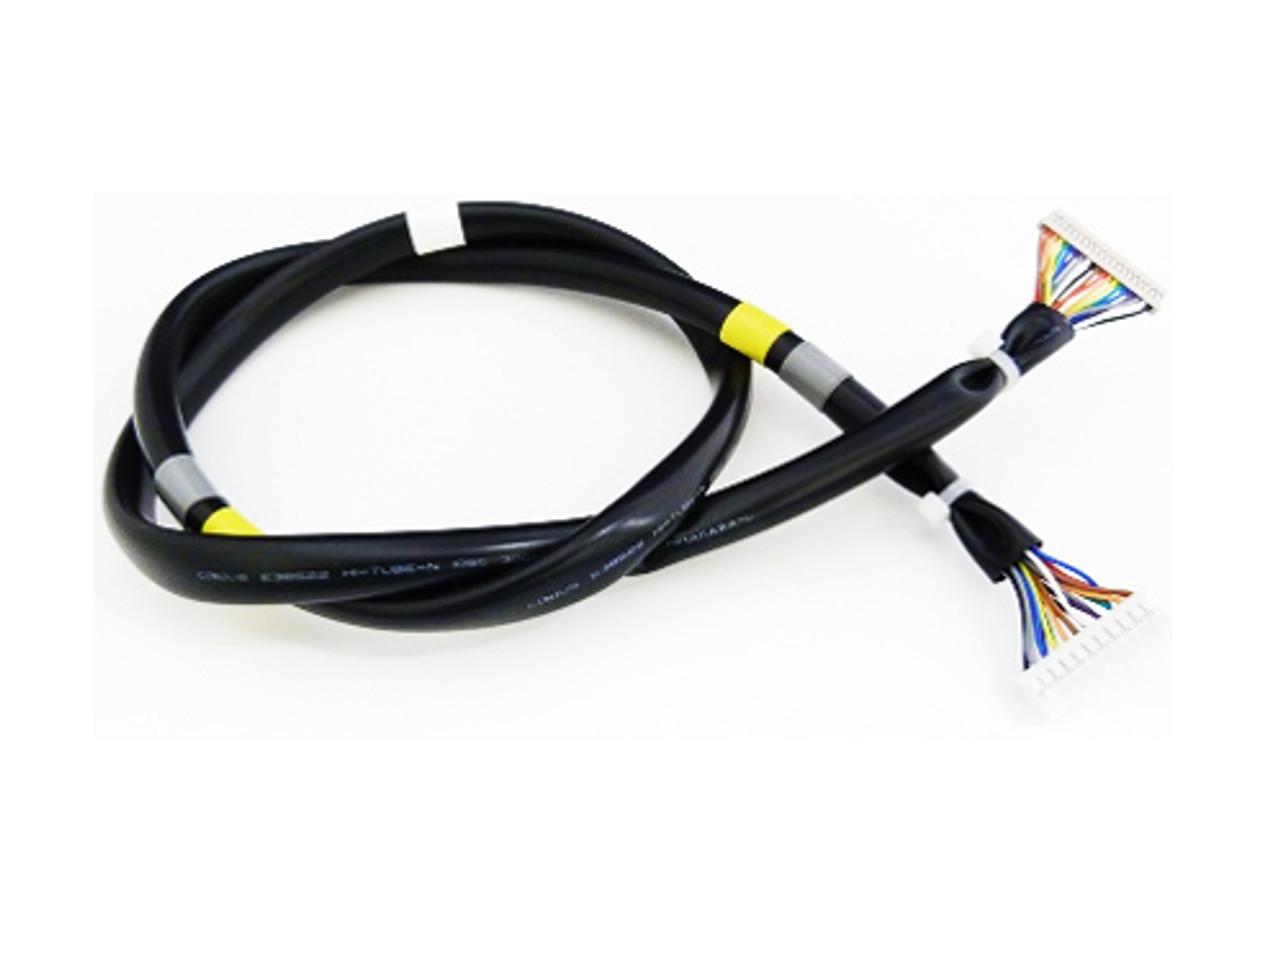 USB cable for Fujitsu FI 5950